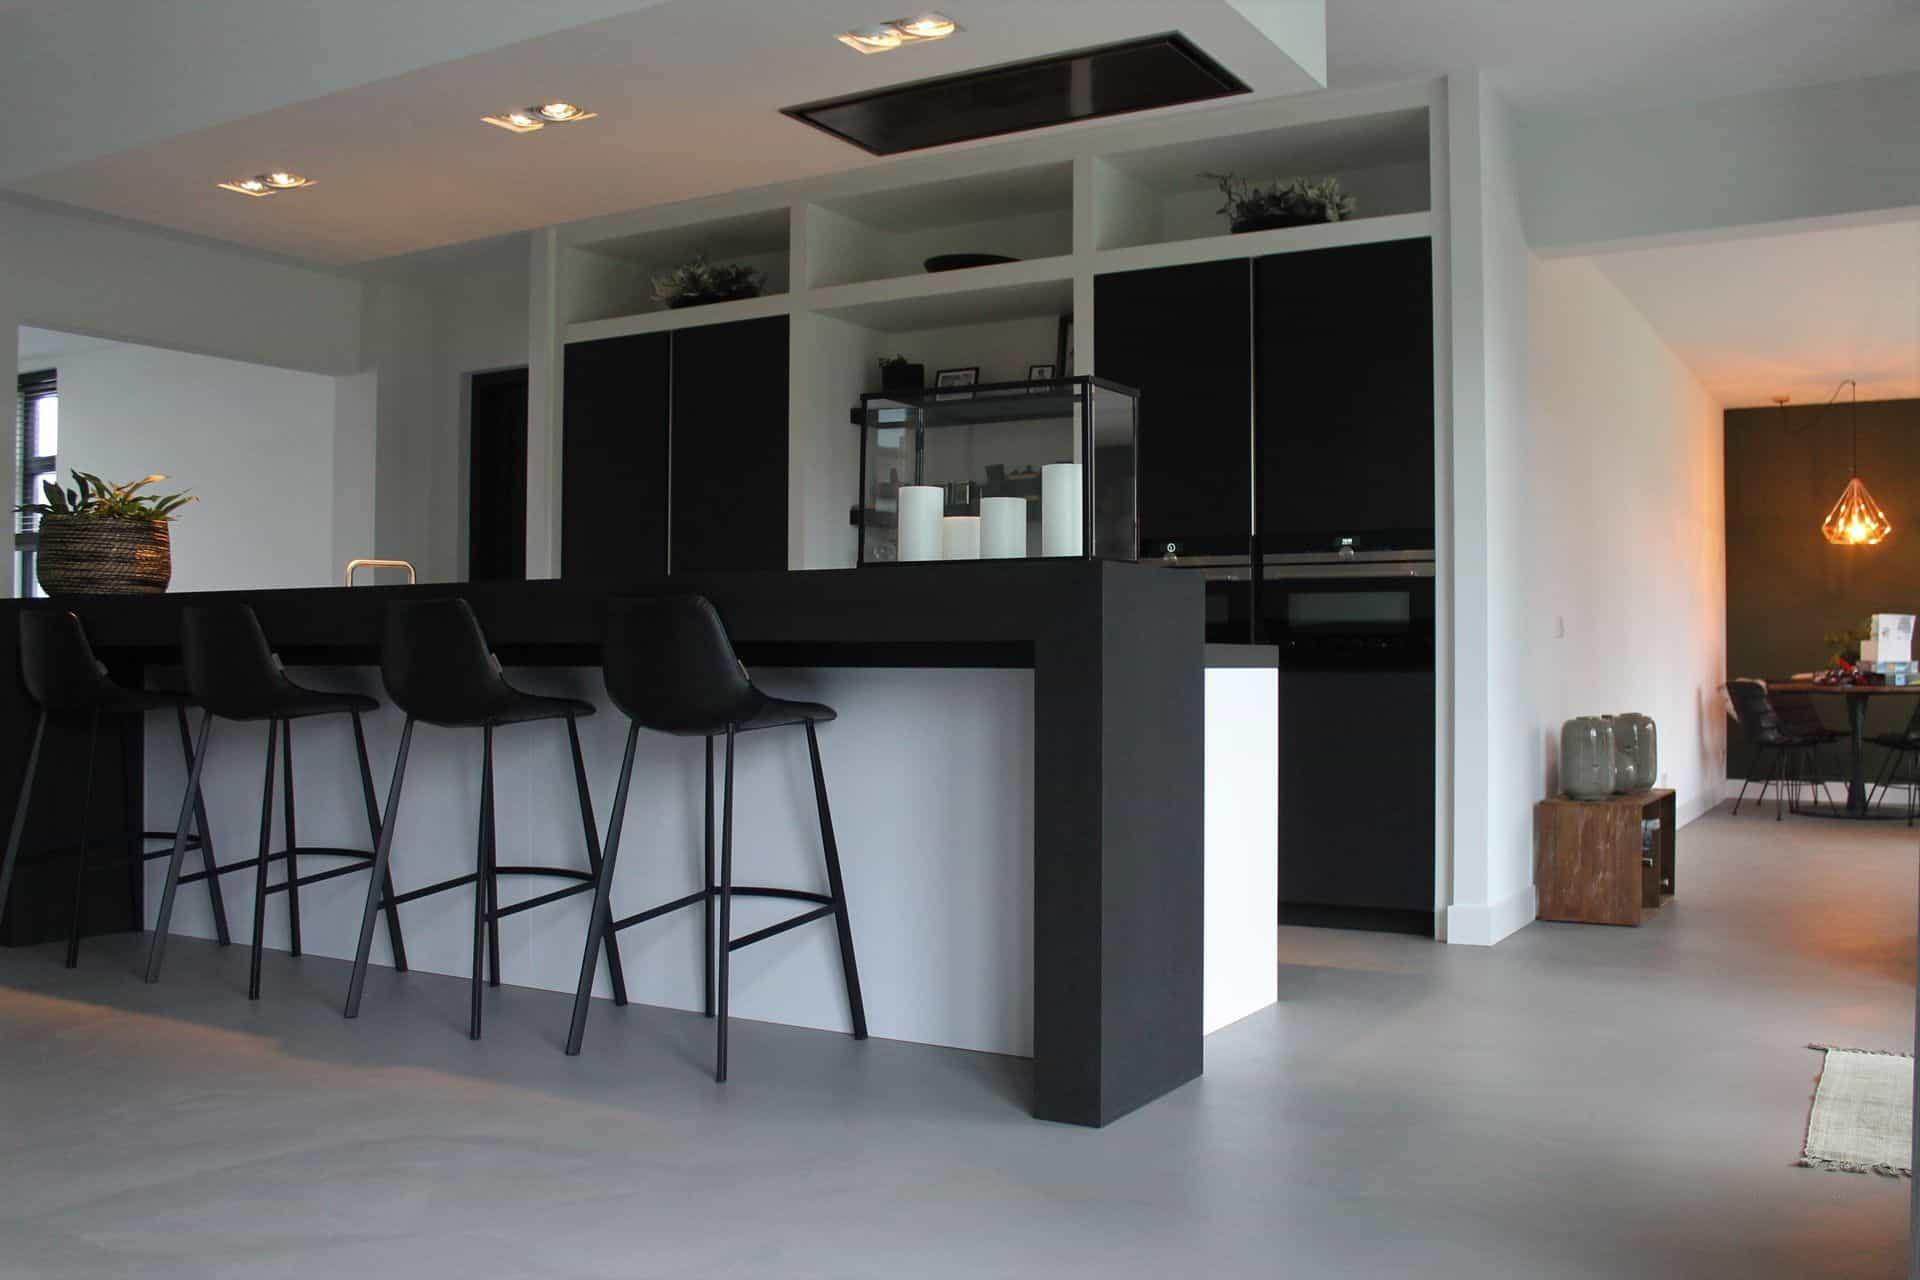 keuken met betonlook vloeren, beton ciré vloeren in de keuken